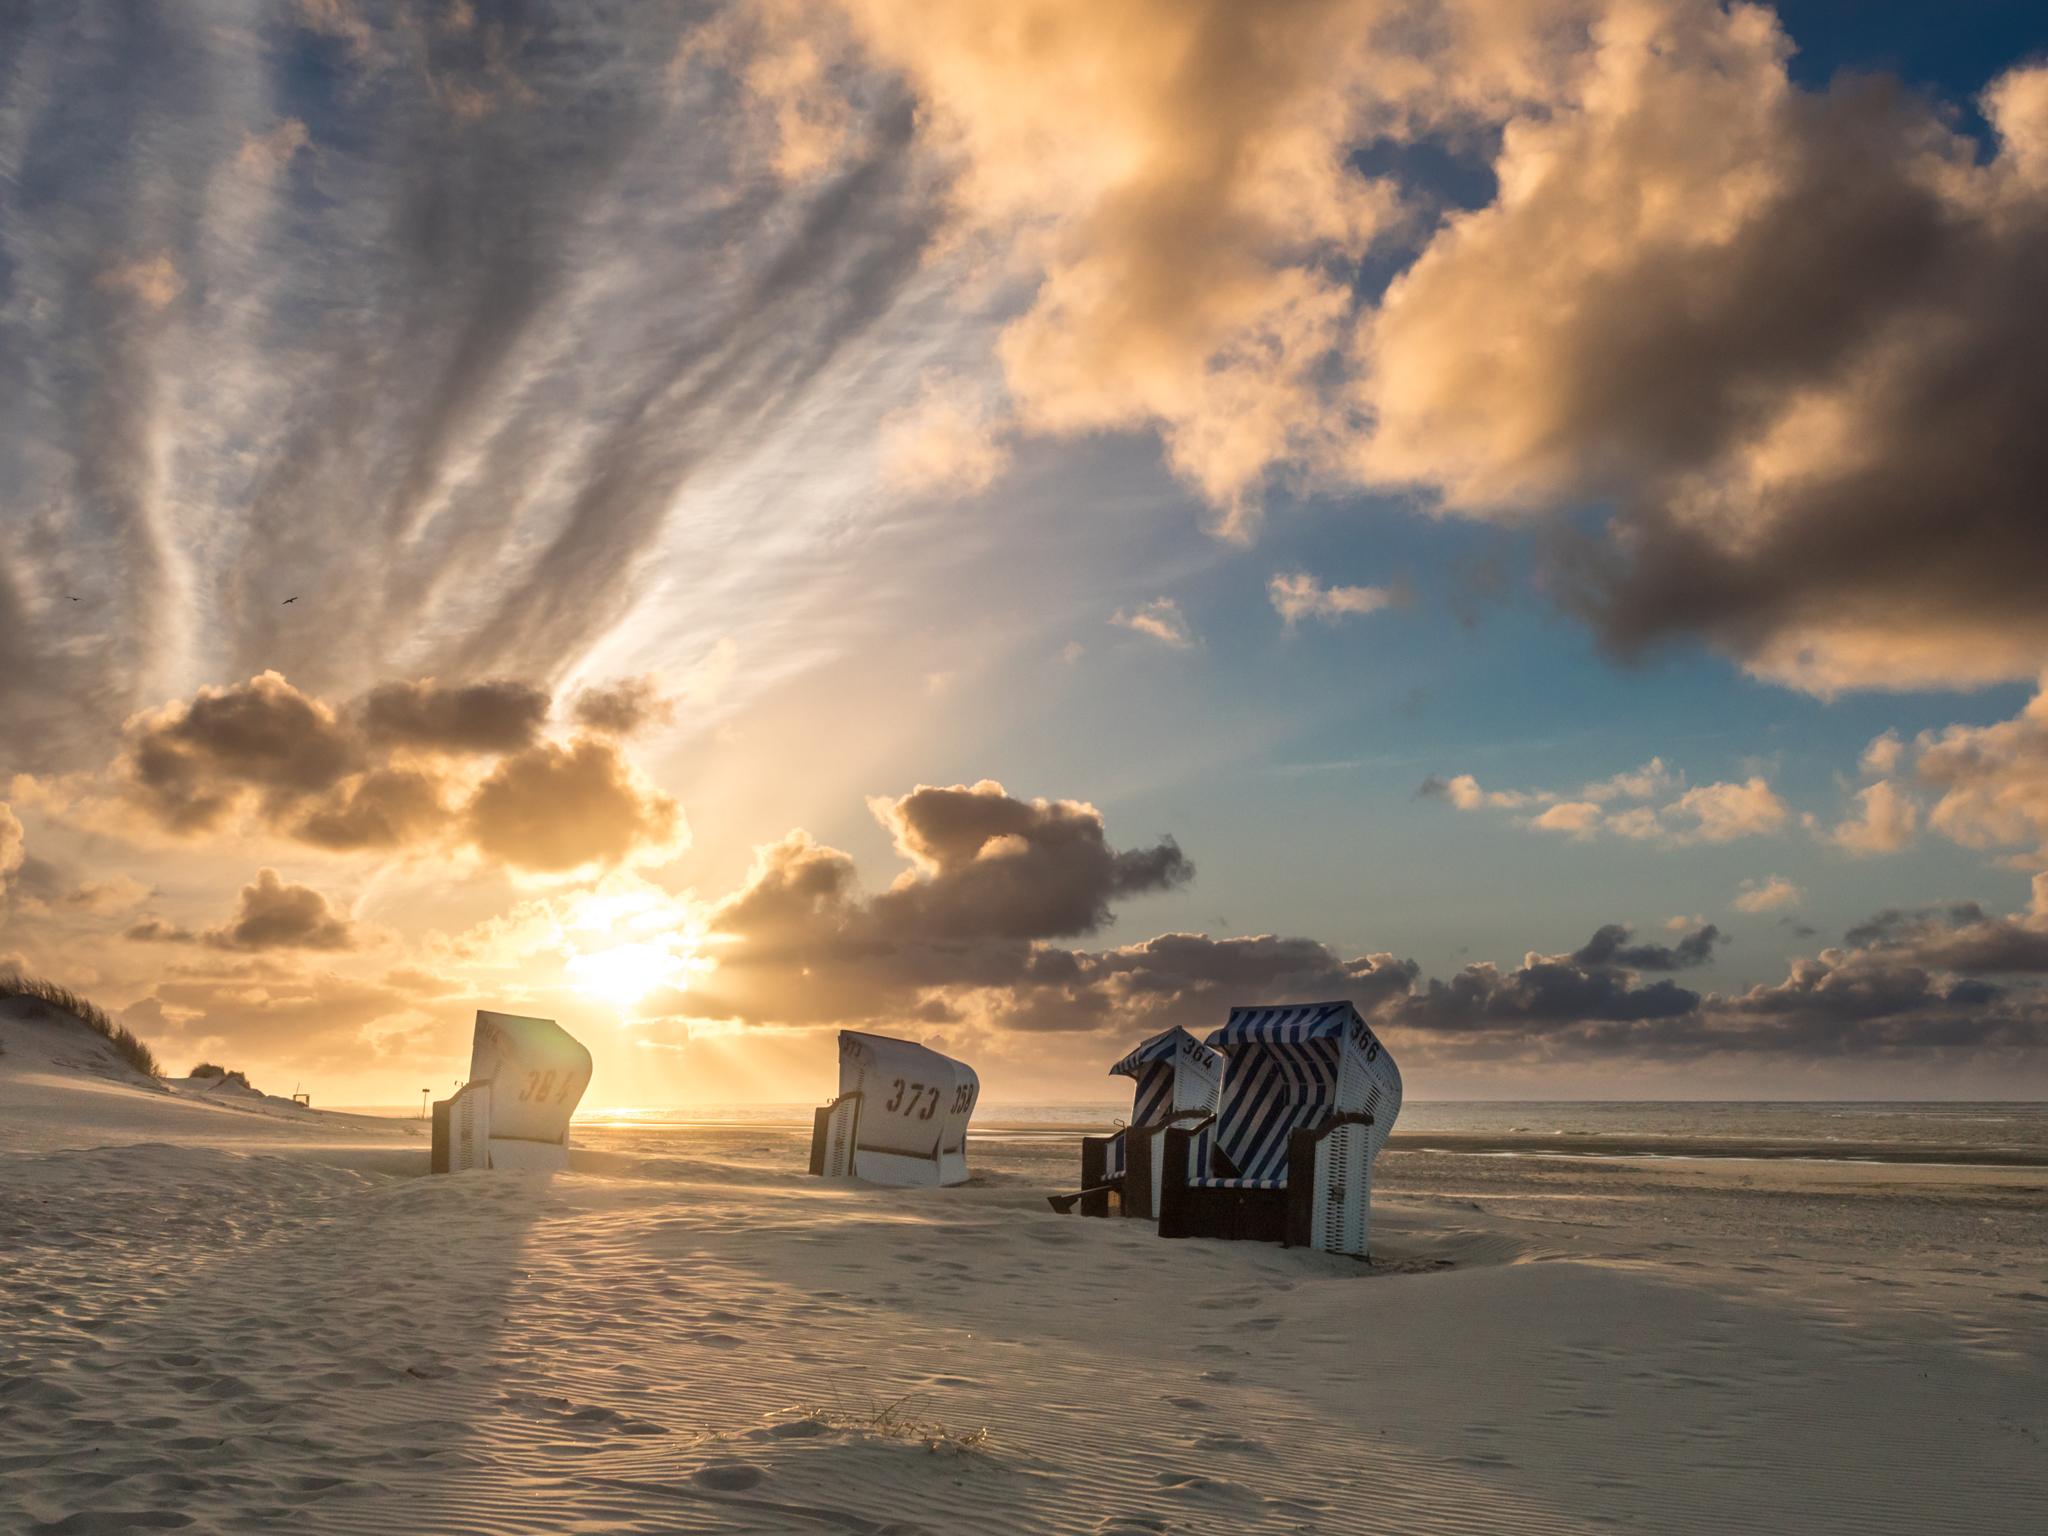 Sonnenuntergang auf Spiekeroog © Fotoarchiv Nordseebad Spiekeroog GmbH